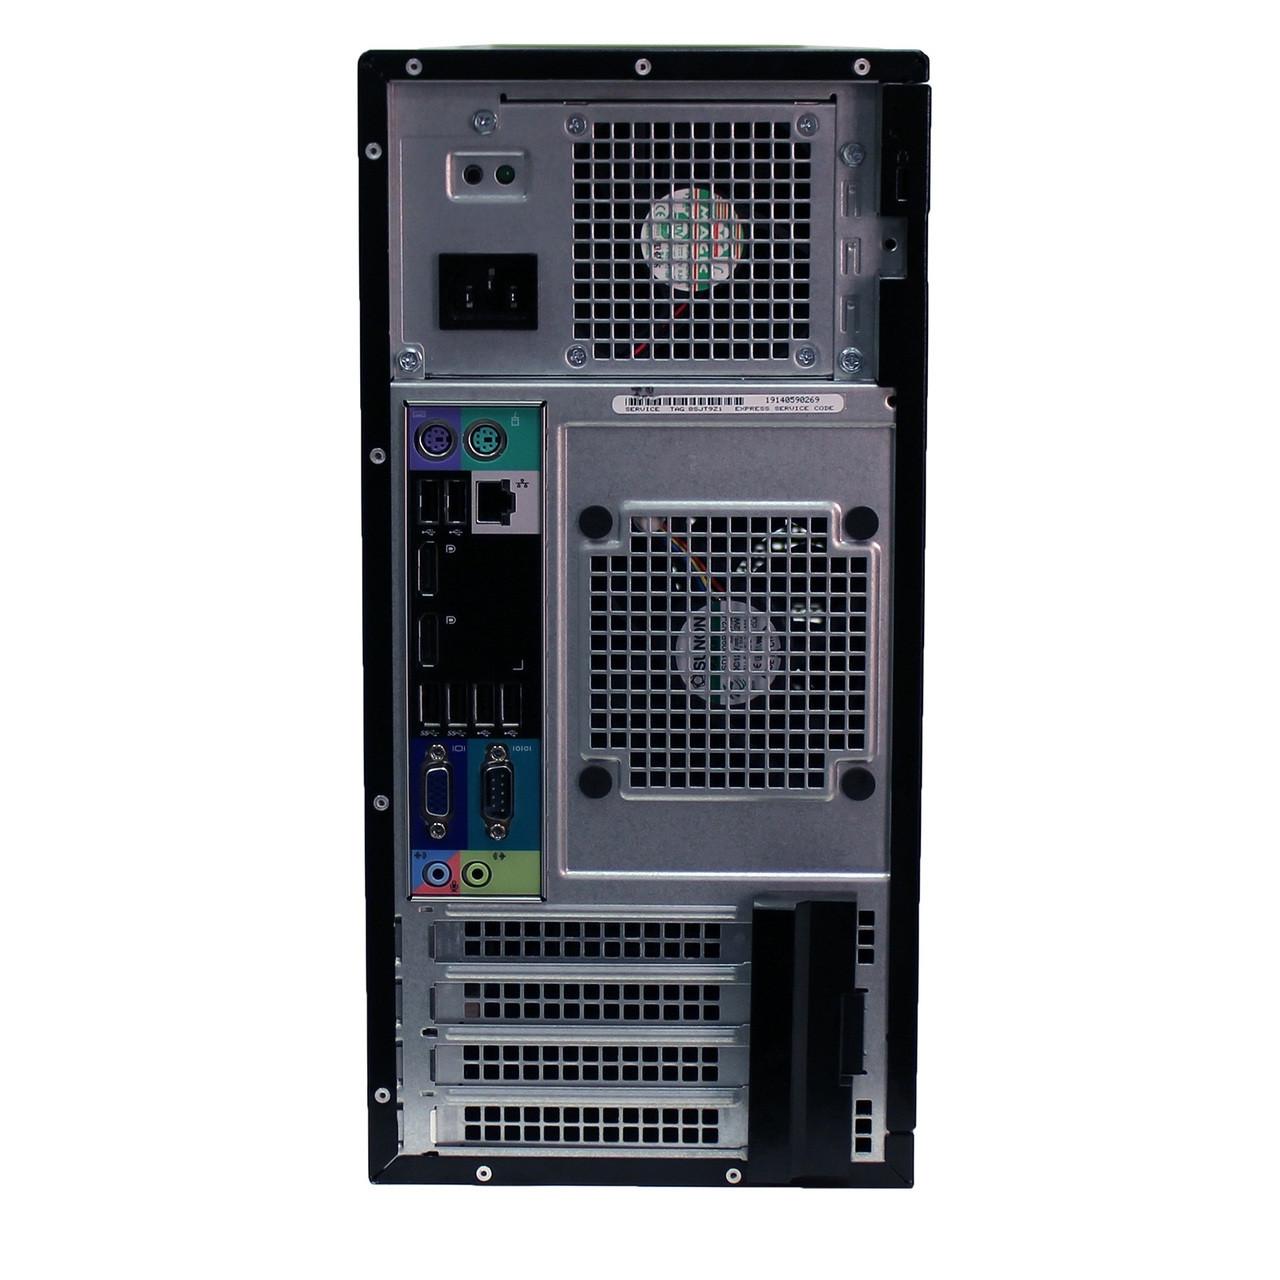 Dell Optiplex 9020 Tower Quad Core i5 3.2GHz, 8GB